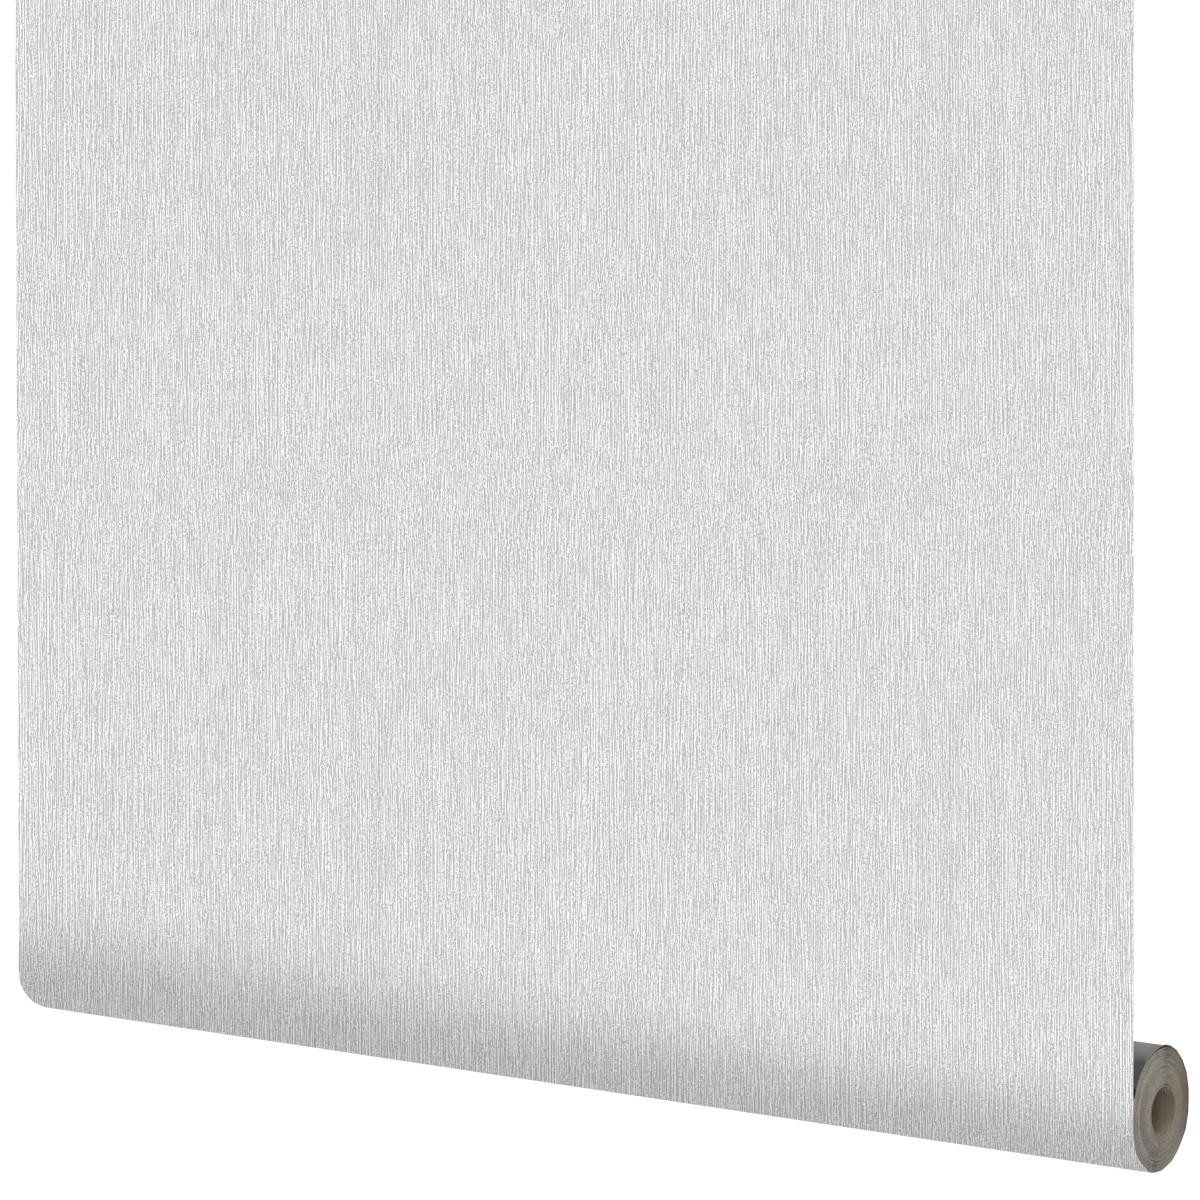 Обои флизелиновые Аспект серые 1.06 м 33019-14